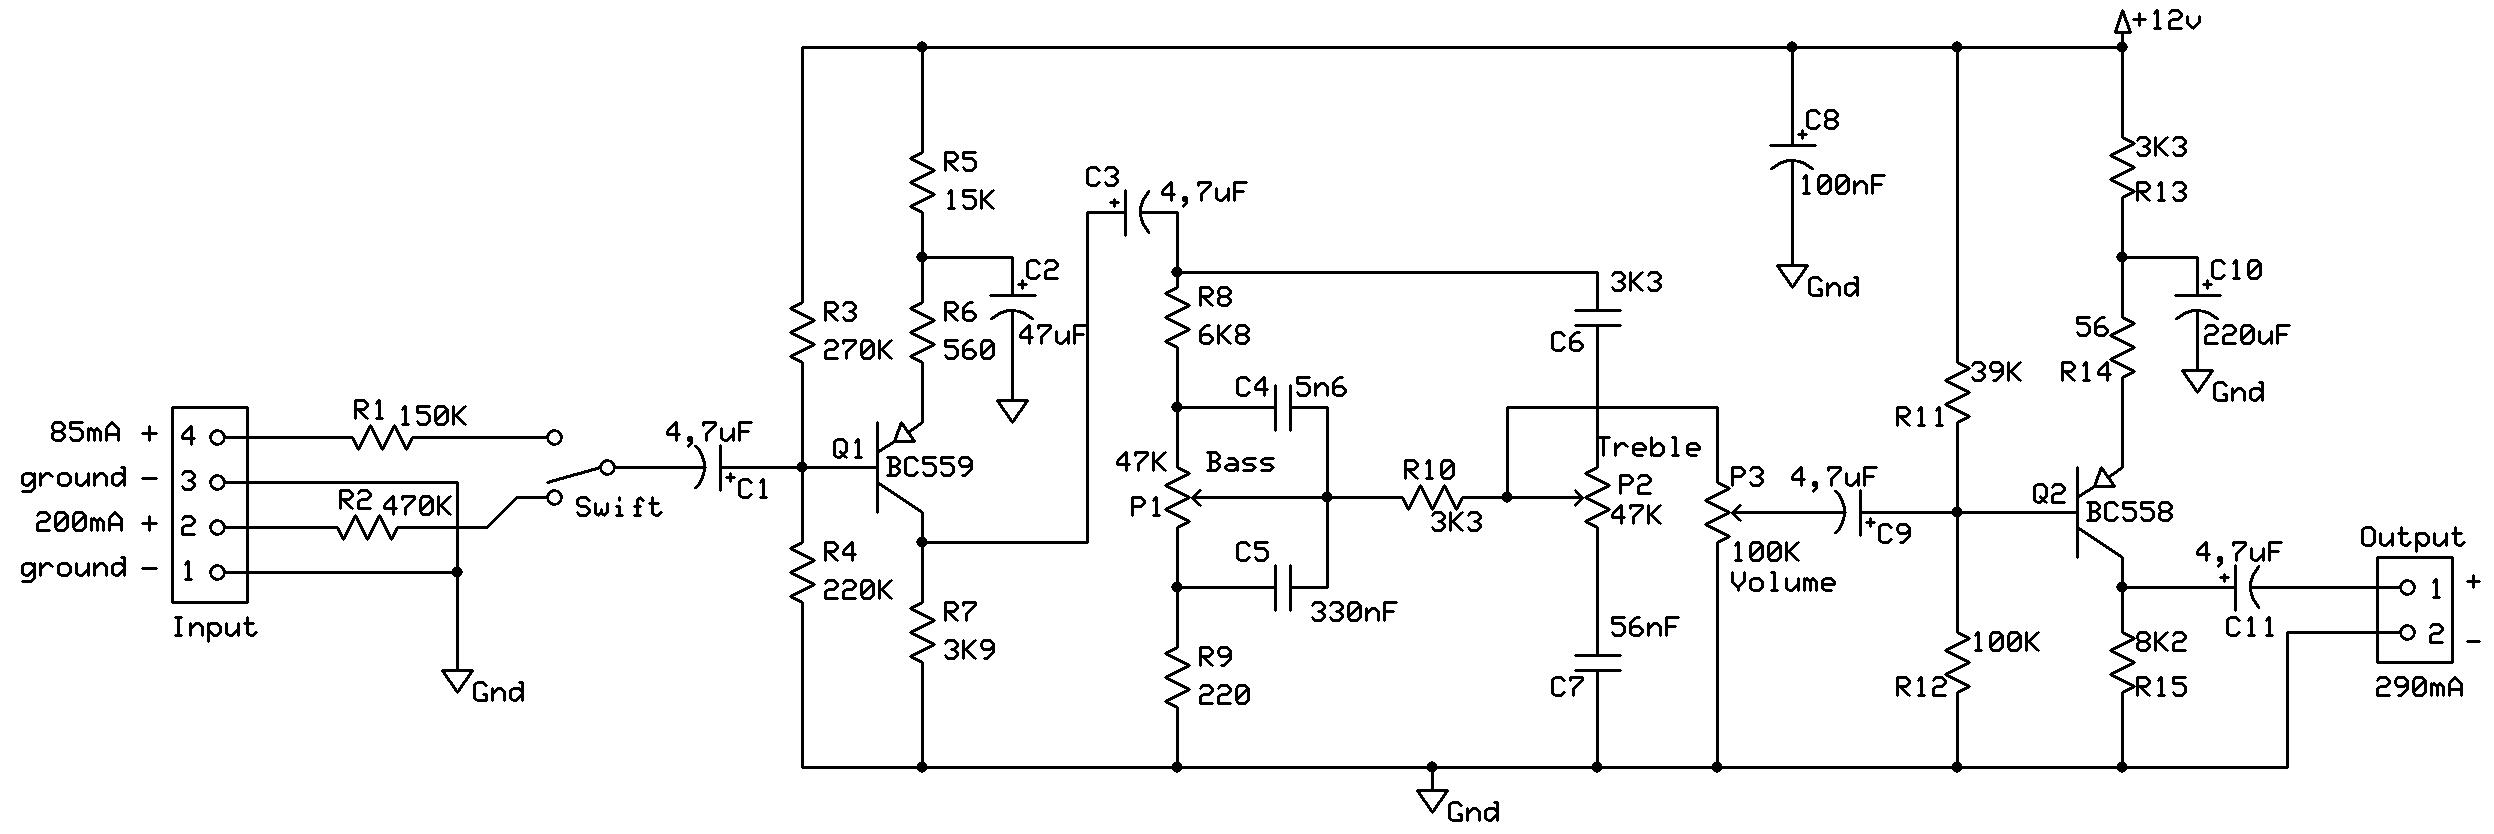 Esquema pré-amplificador com controle de tom e volume